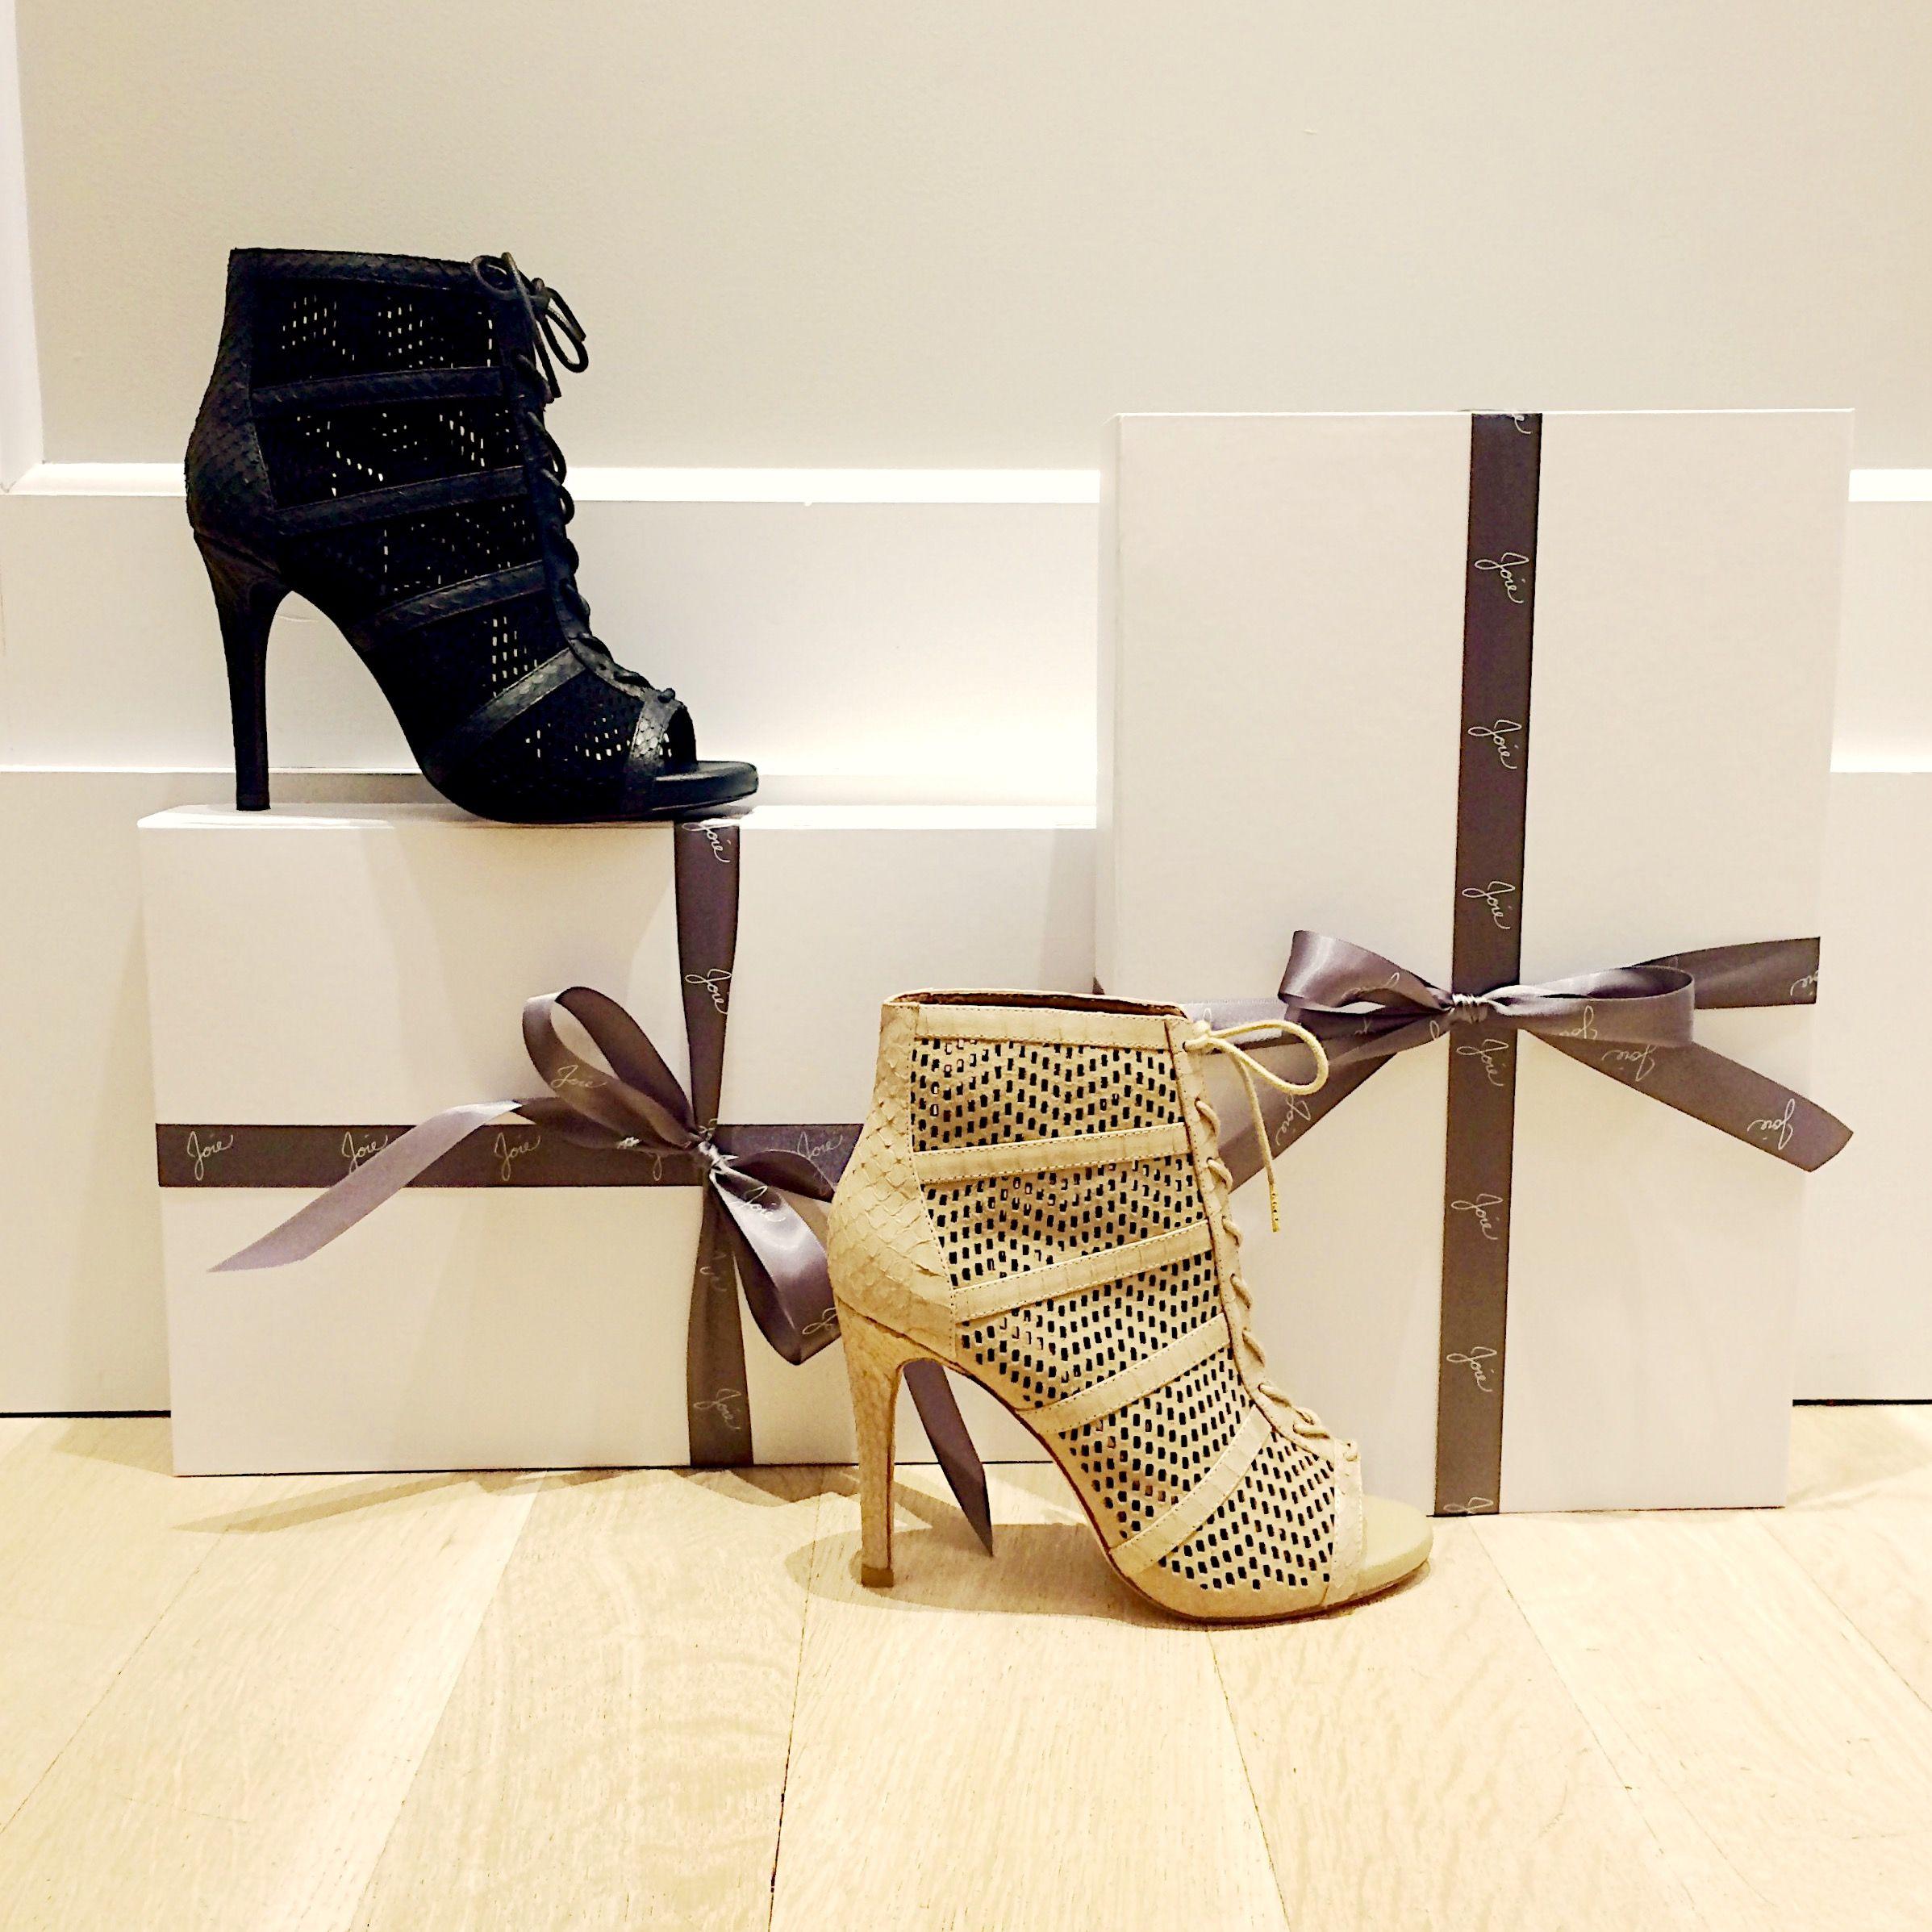 Holiday Heels please!